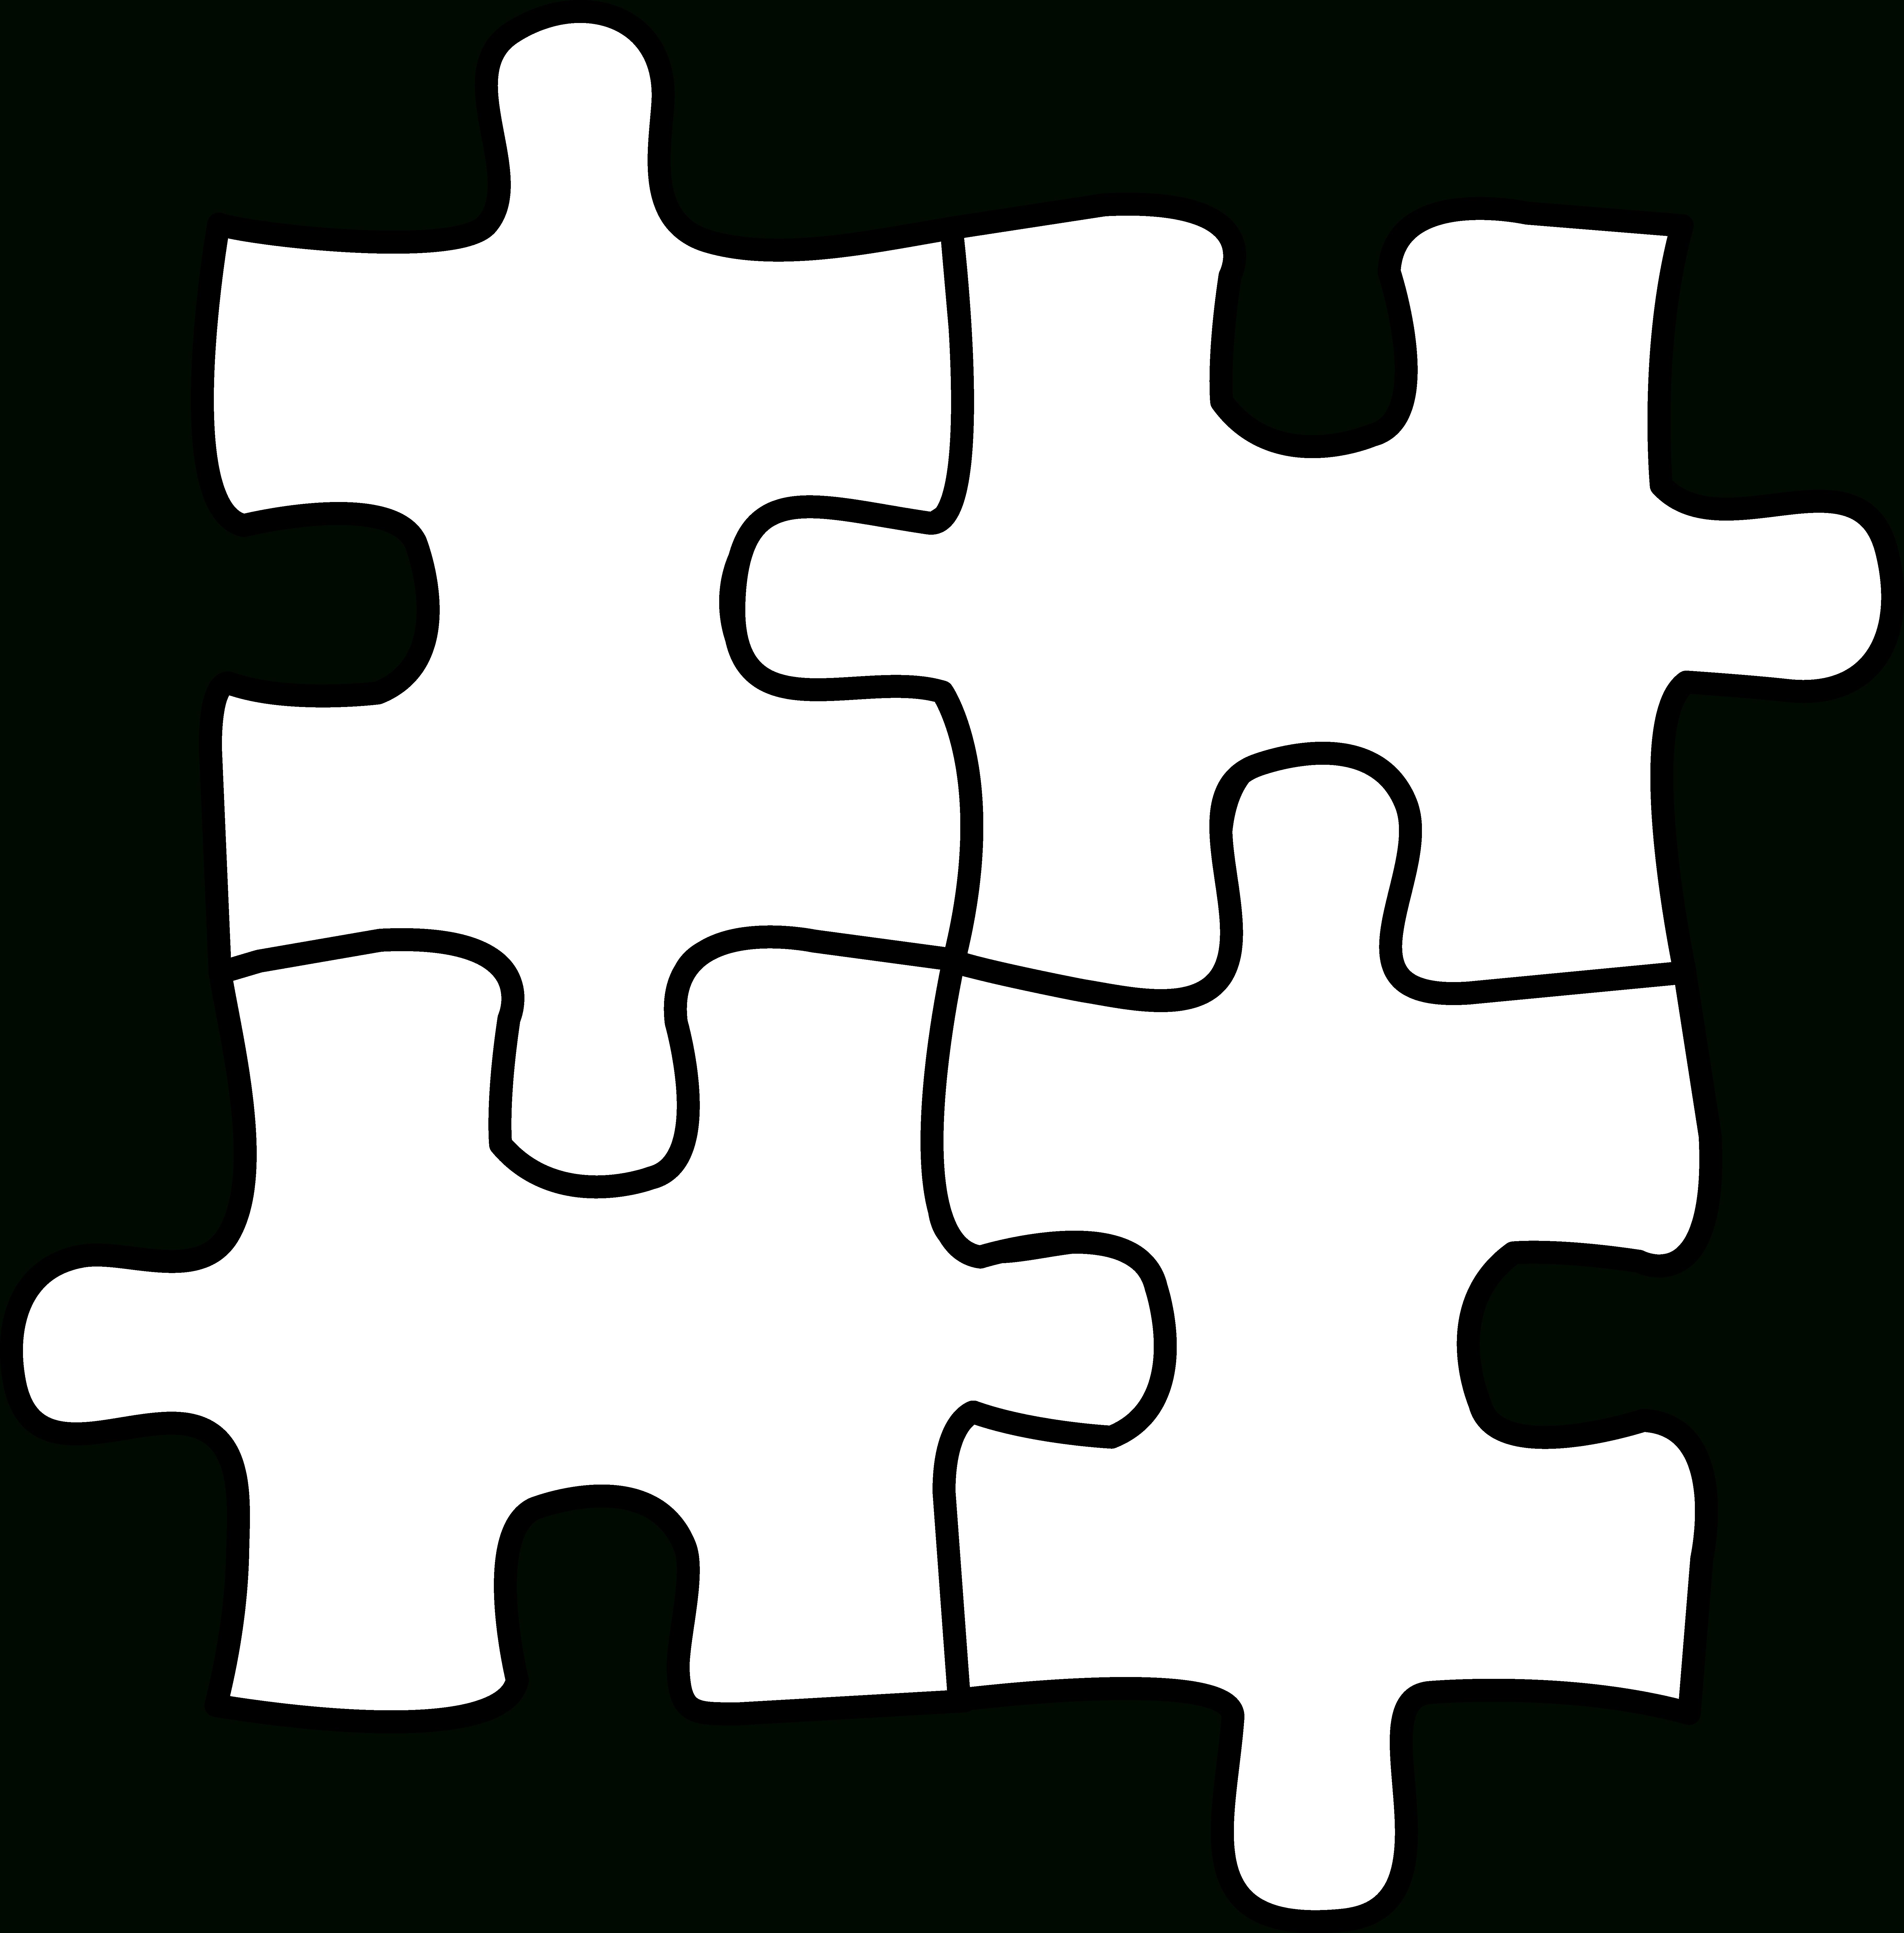 Autism Puzzle Piece Coloring Page - Coloring Home - Printable Autism Puzzle Piece